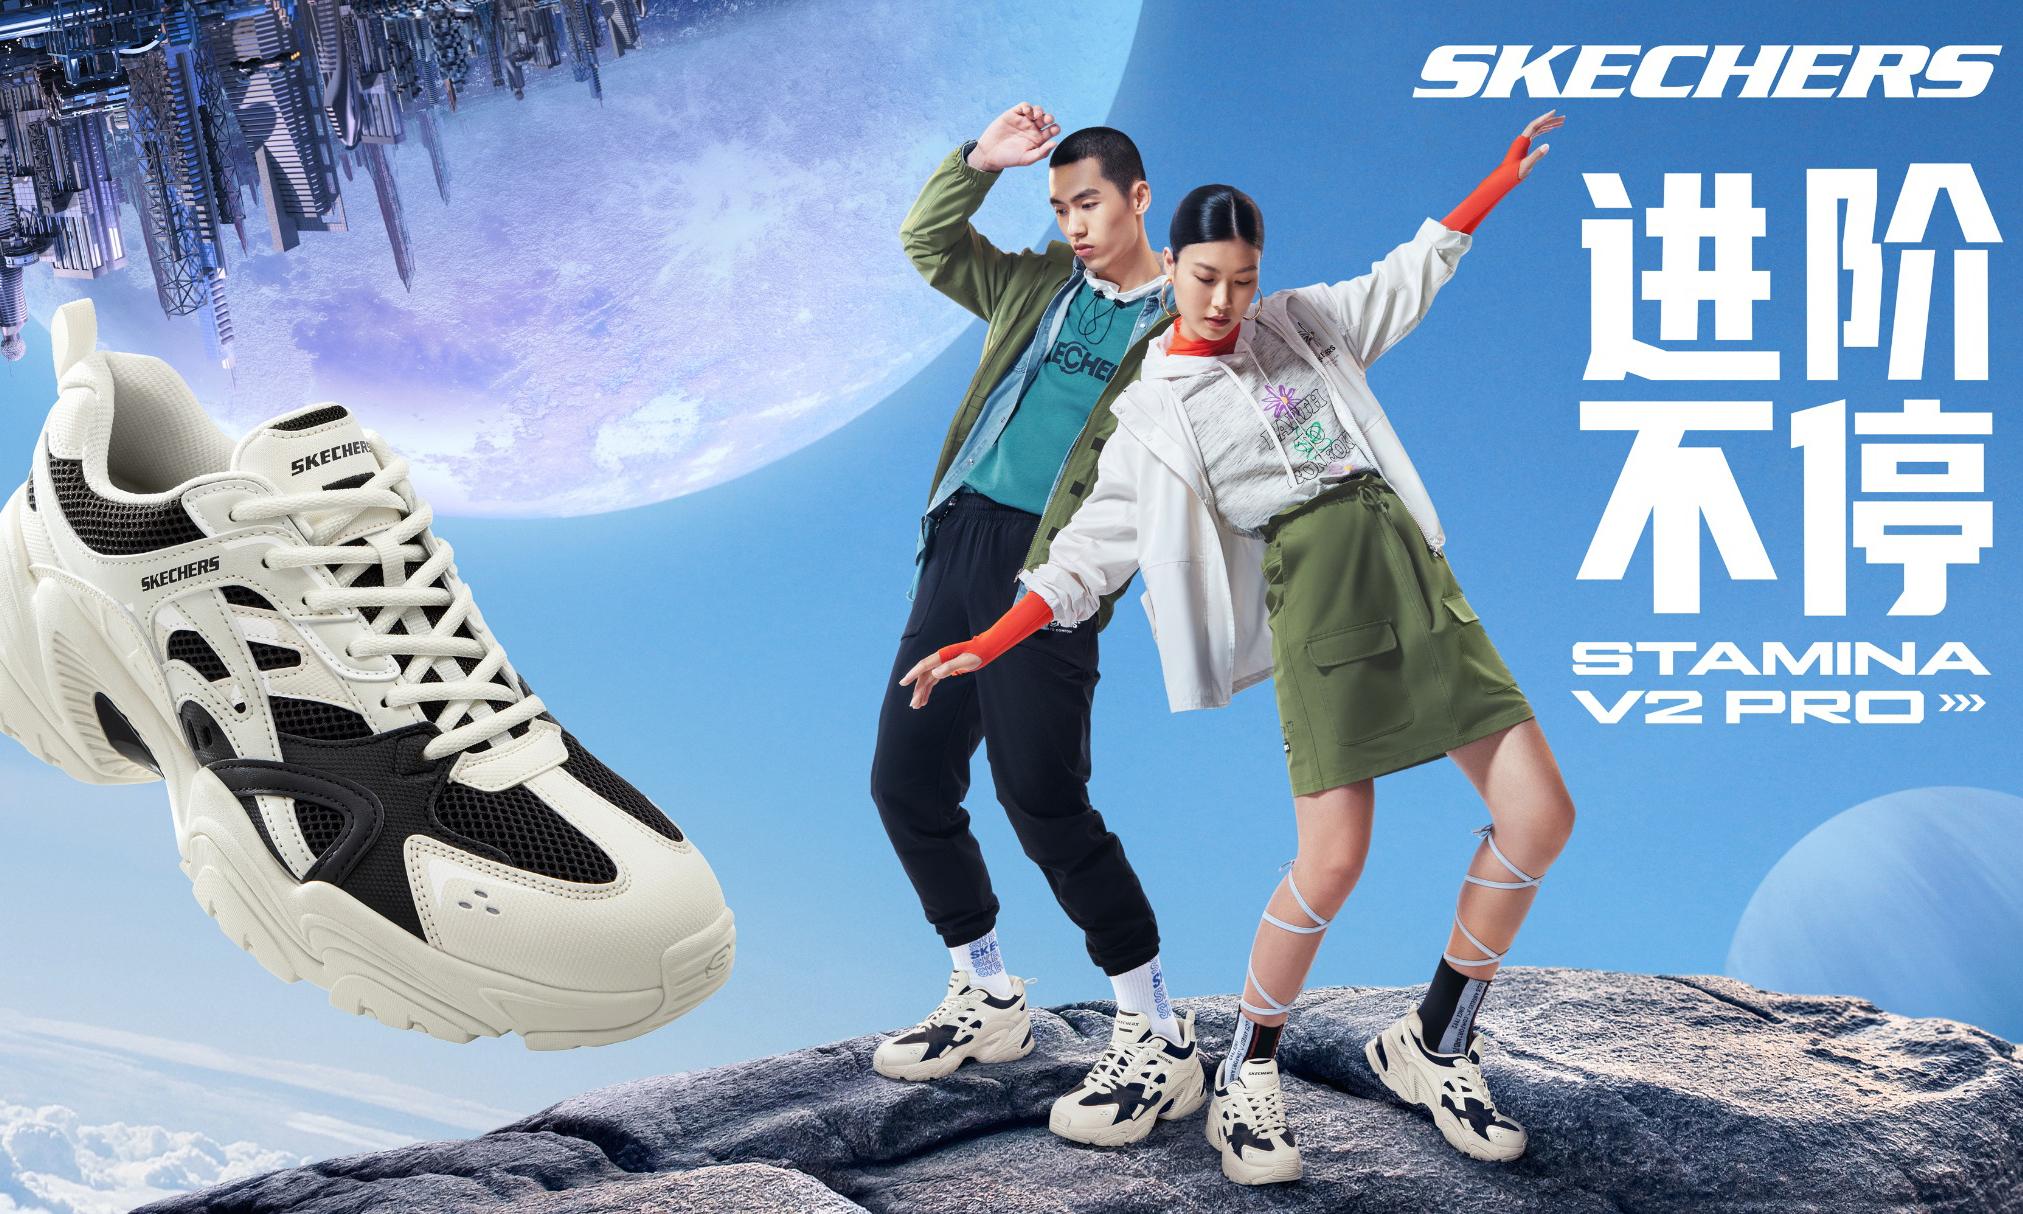 这双「Trial sneaker」 能助你完成 Urban Outdoor 风格的段位进阶吗?